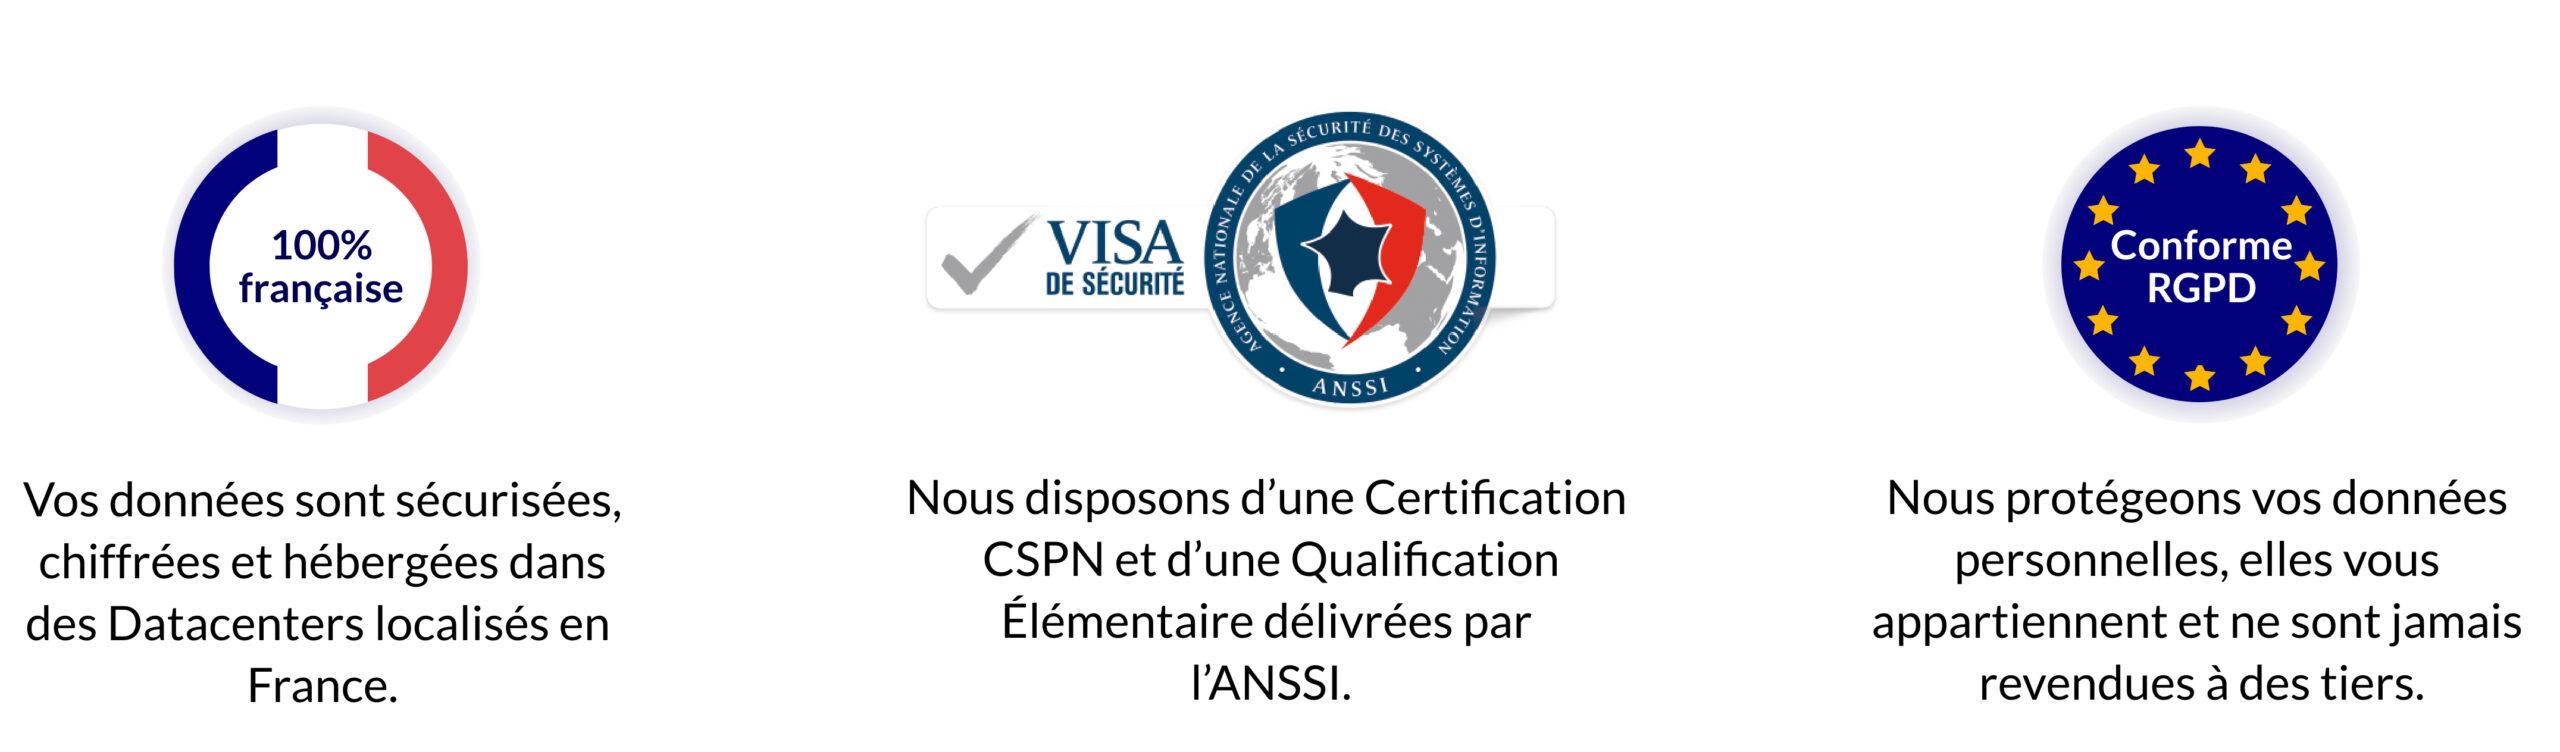 Trois Logos : 100% français, le visa de sécurité et RGPD